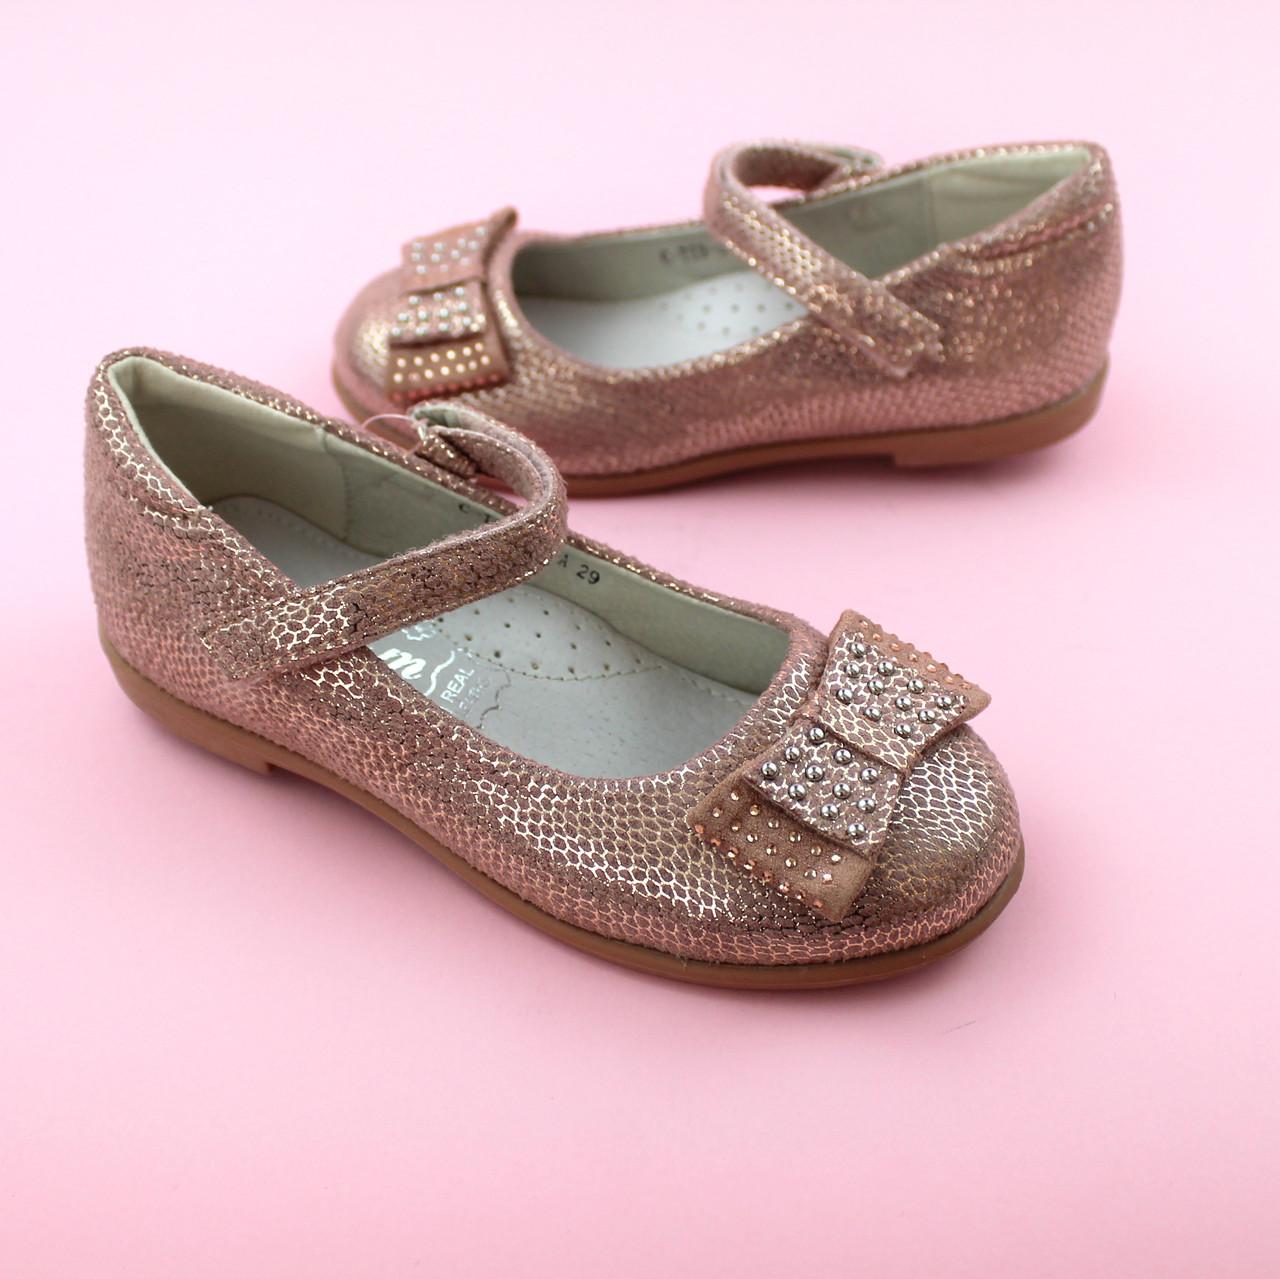 Детские туфли для девочки Пудра обувь Том.м размер 30,31,32,33,34,35